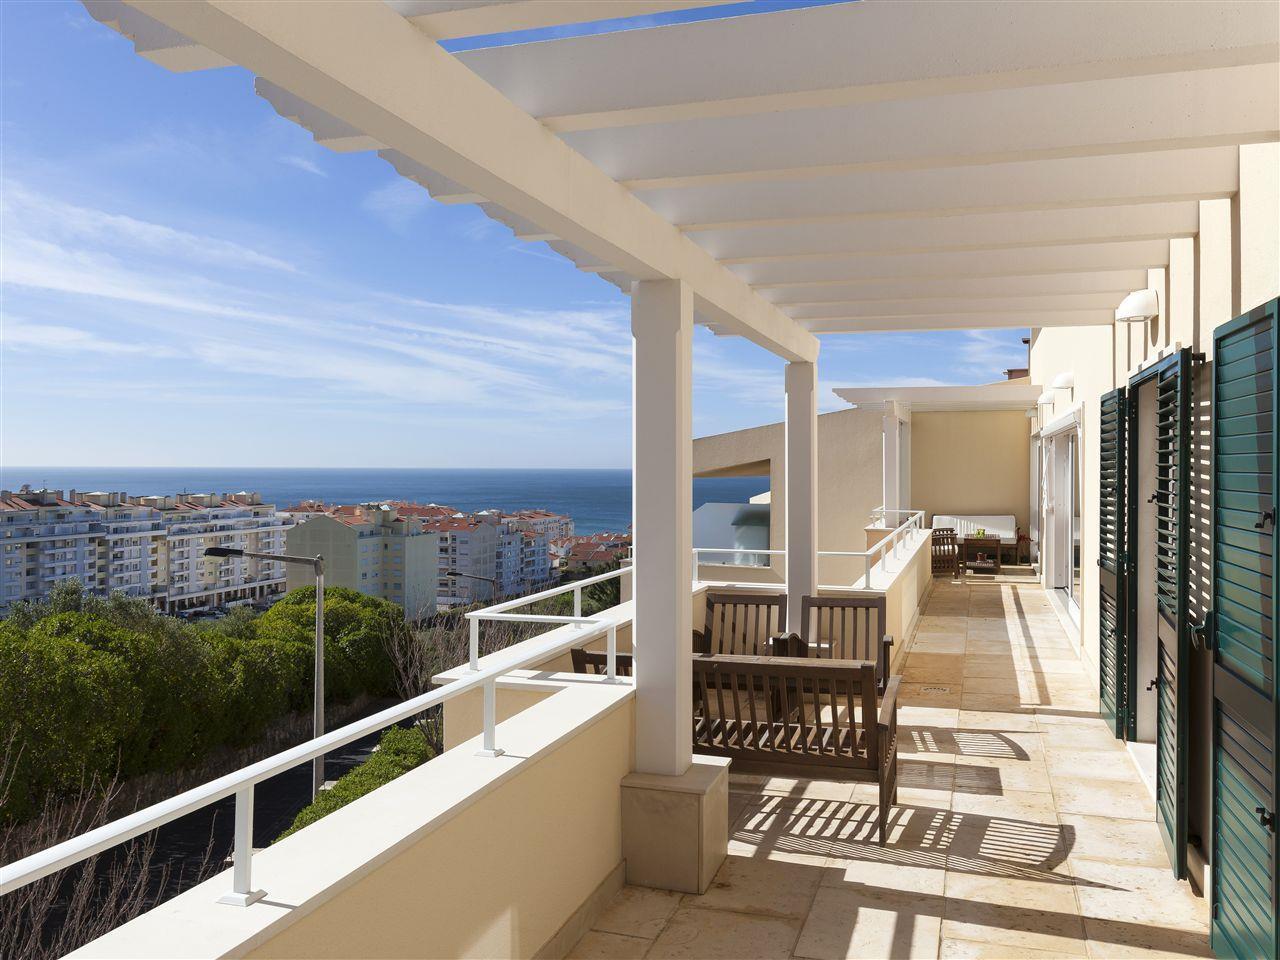 Căn hộ vì Bán tại Flat, 4 bedrooms, for Sale Cascais, Lisboa Bồ Đào Nha